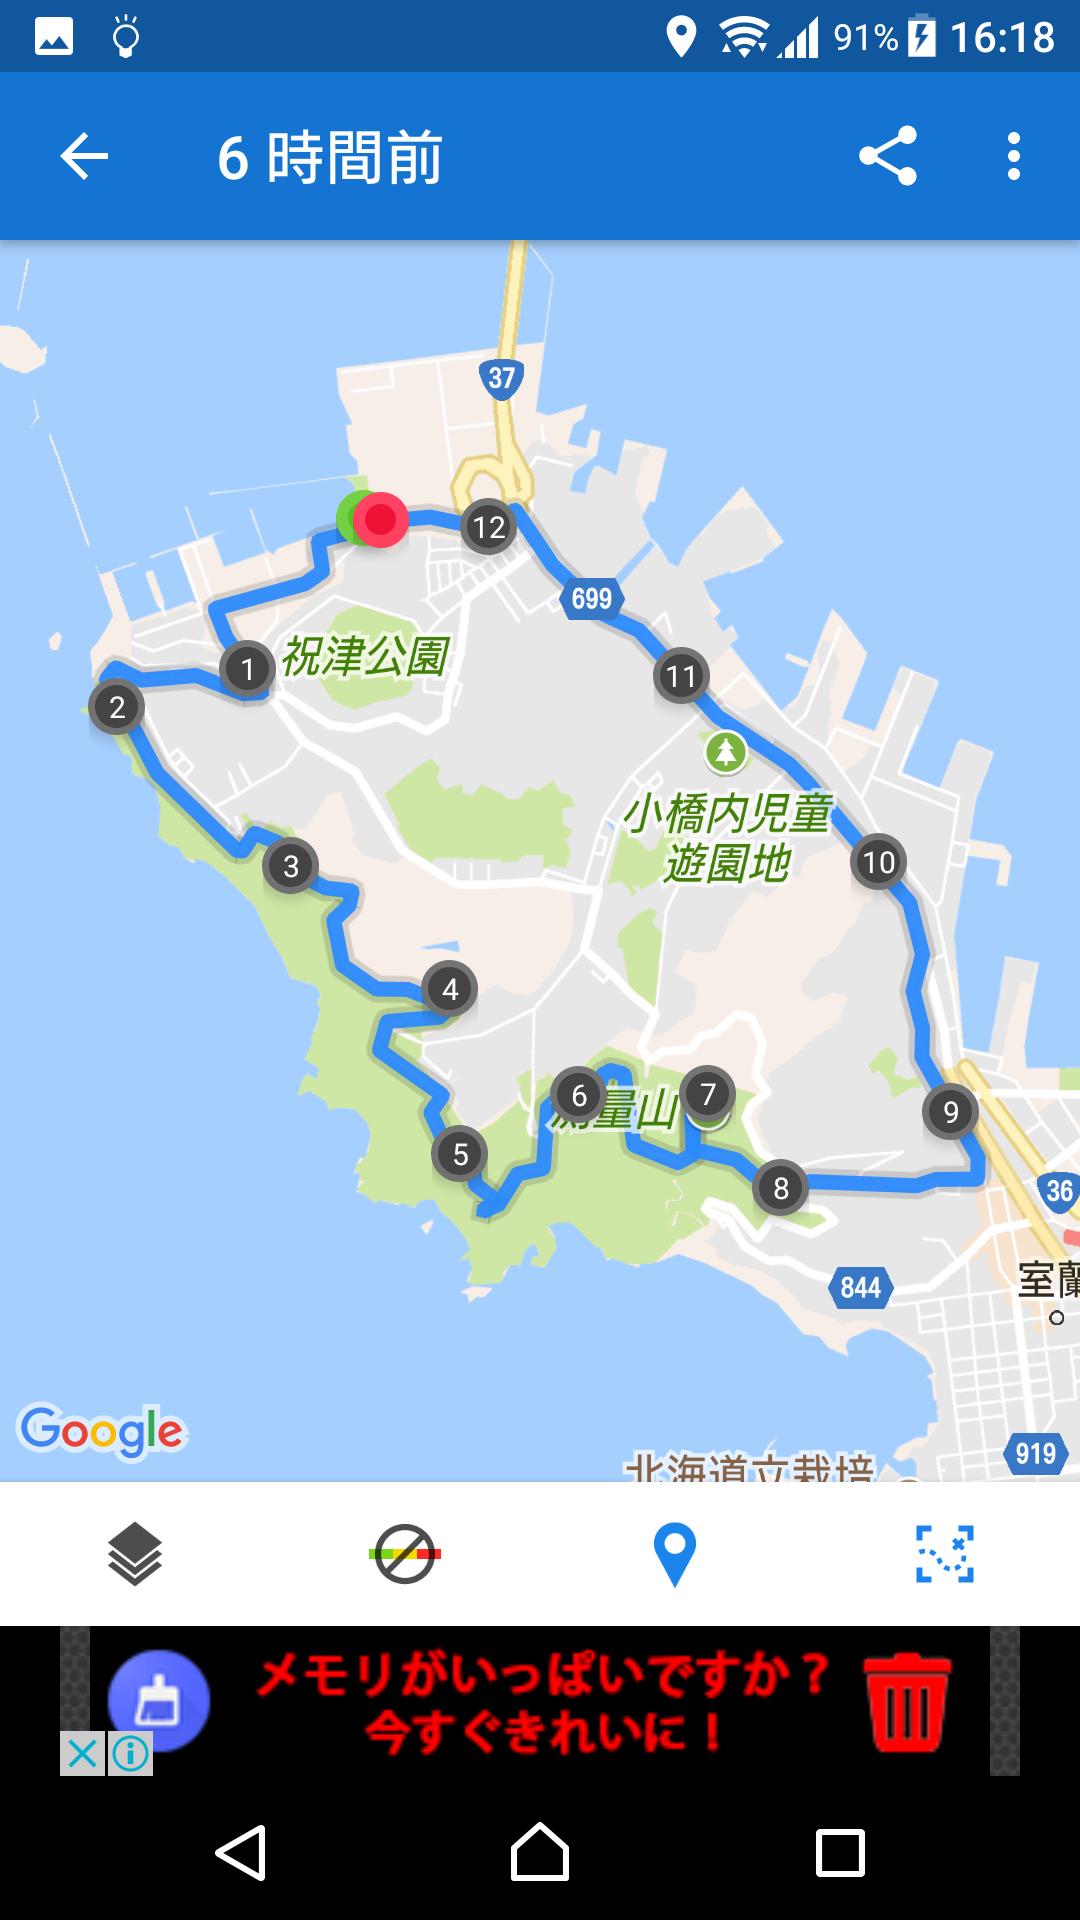 f:id:ynakayama27:20170701161938p:plain